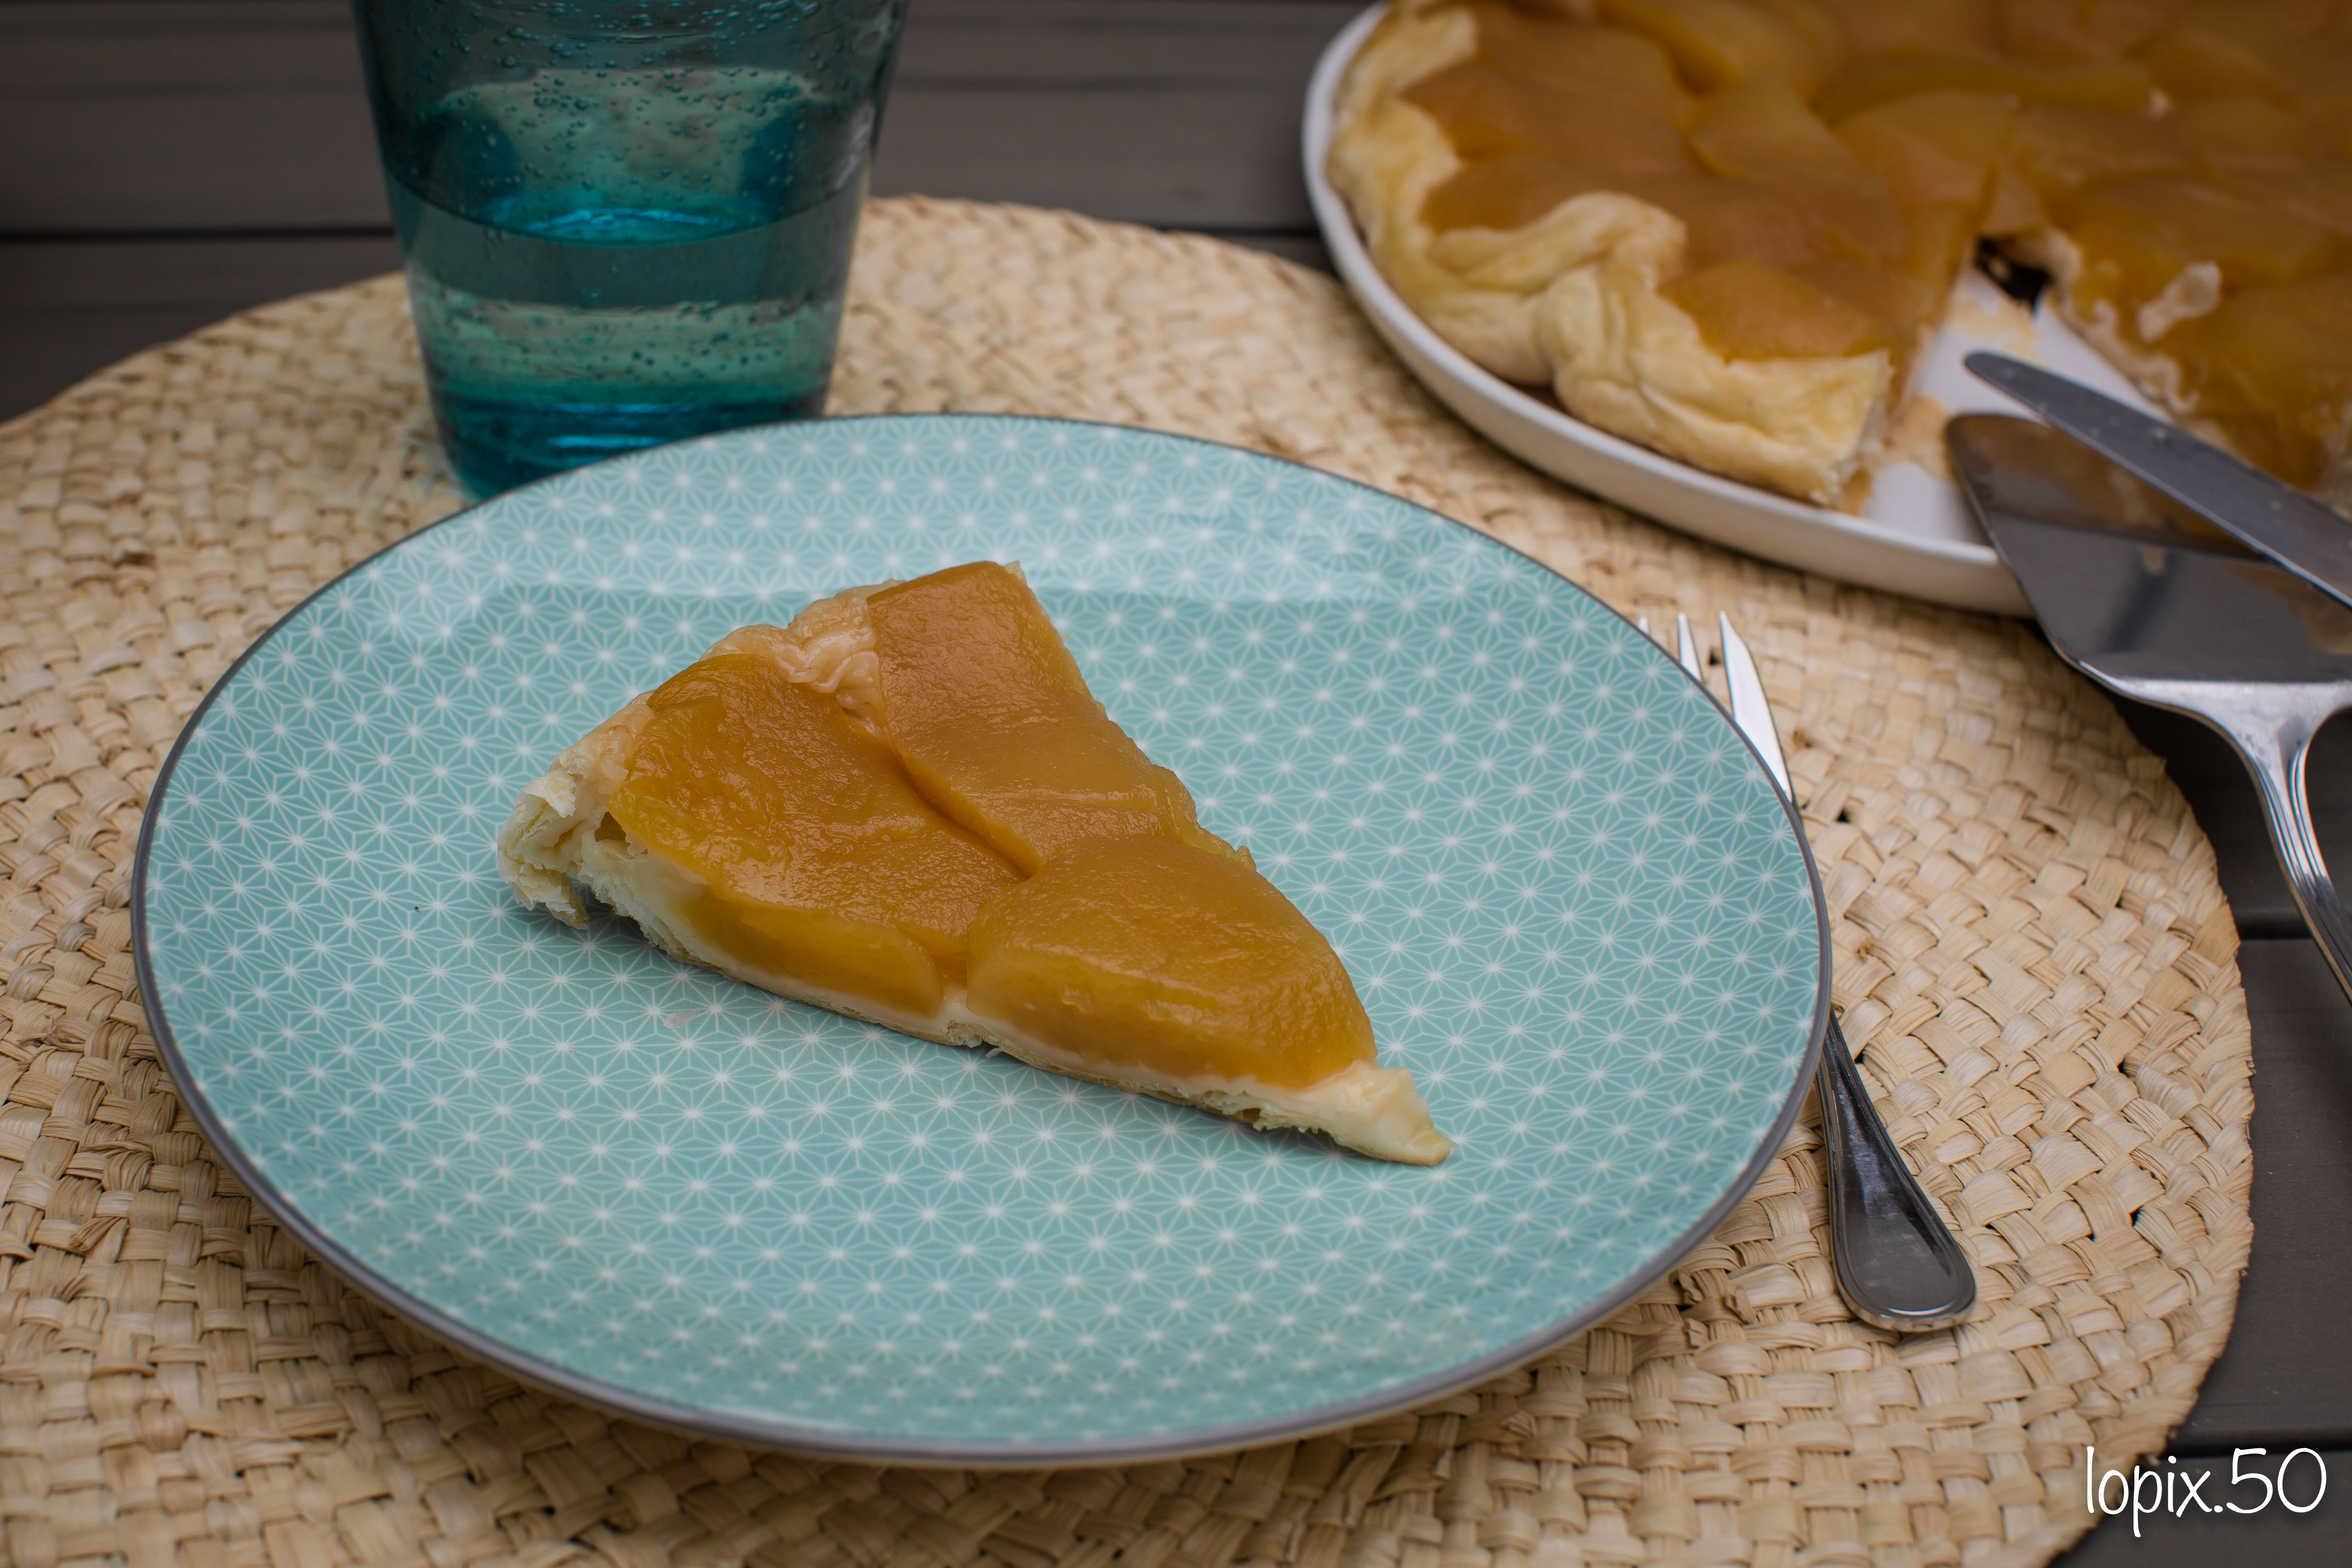 la-tarte-tatin-pour-les-nuls-absolutelyfemme.com-blog-mode-et-lifestyle